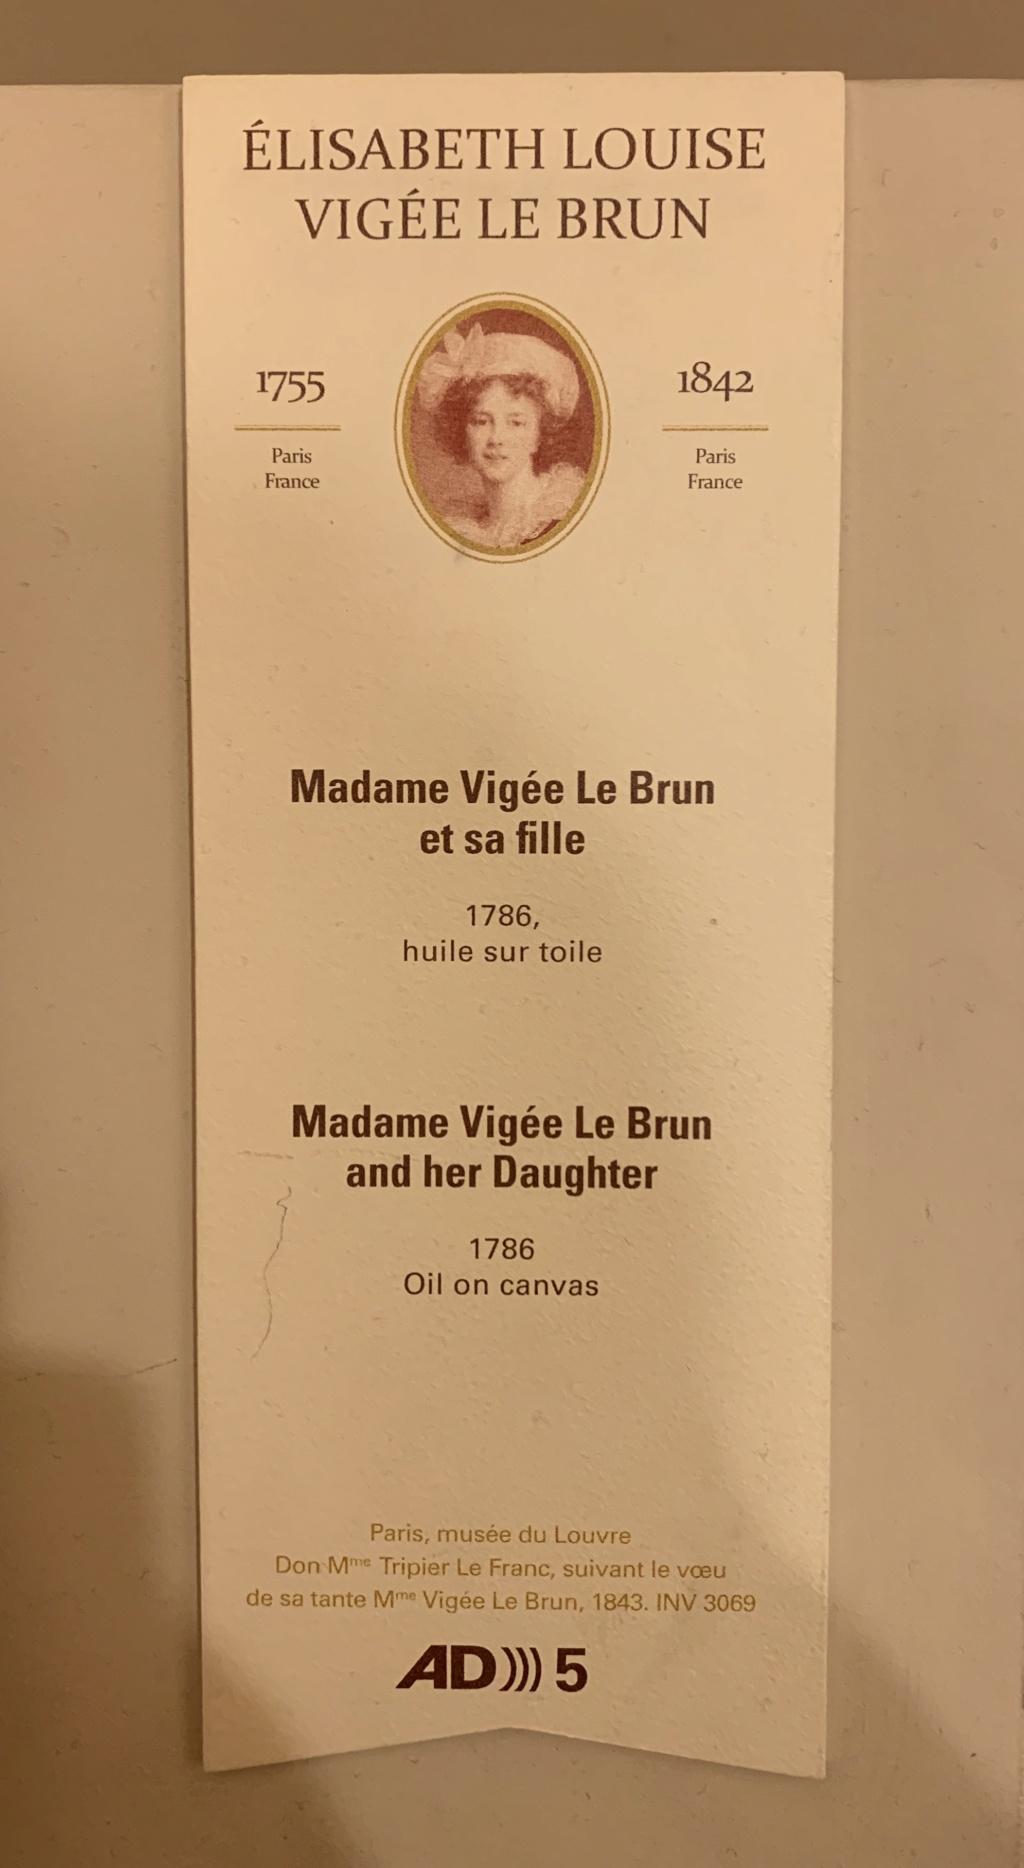 Les autoportraits de Mme Vigée Le Brun - Page 3 B10f1010